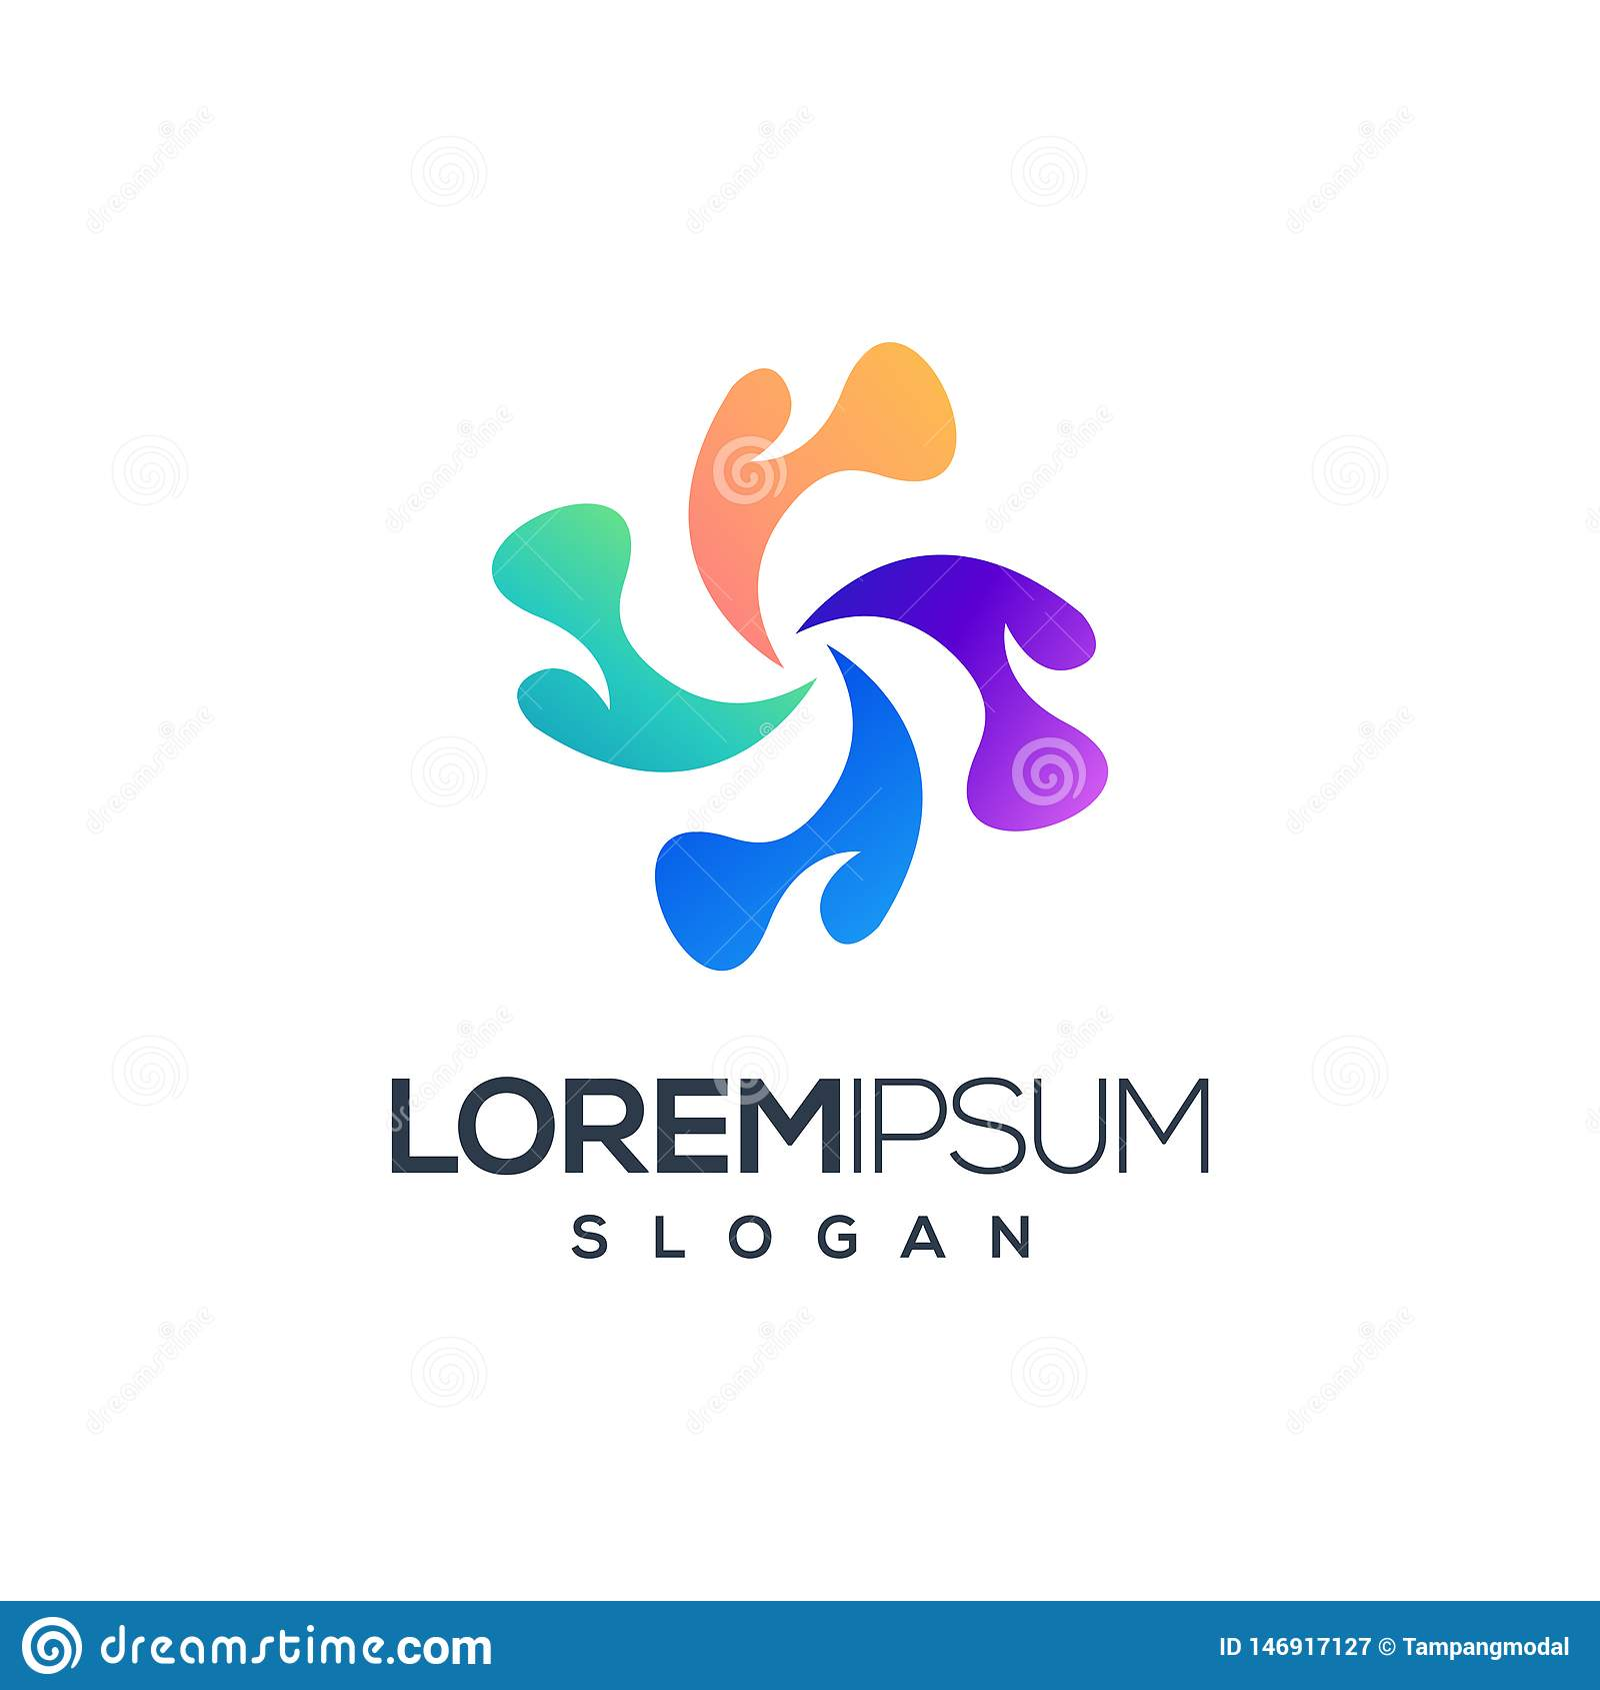 Abstrakt logodesign, vektorillustration